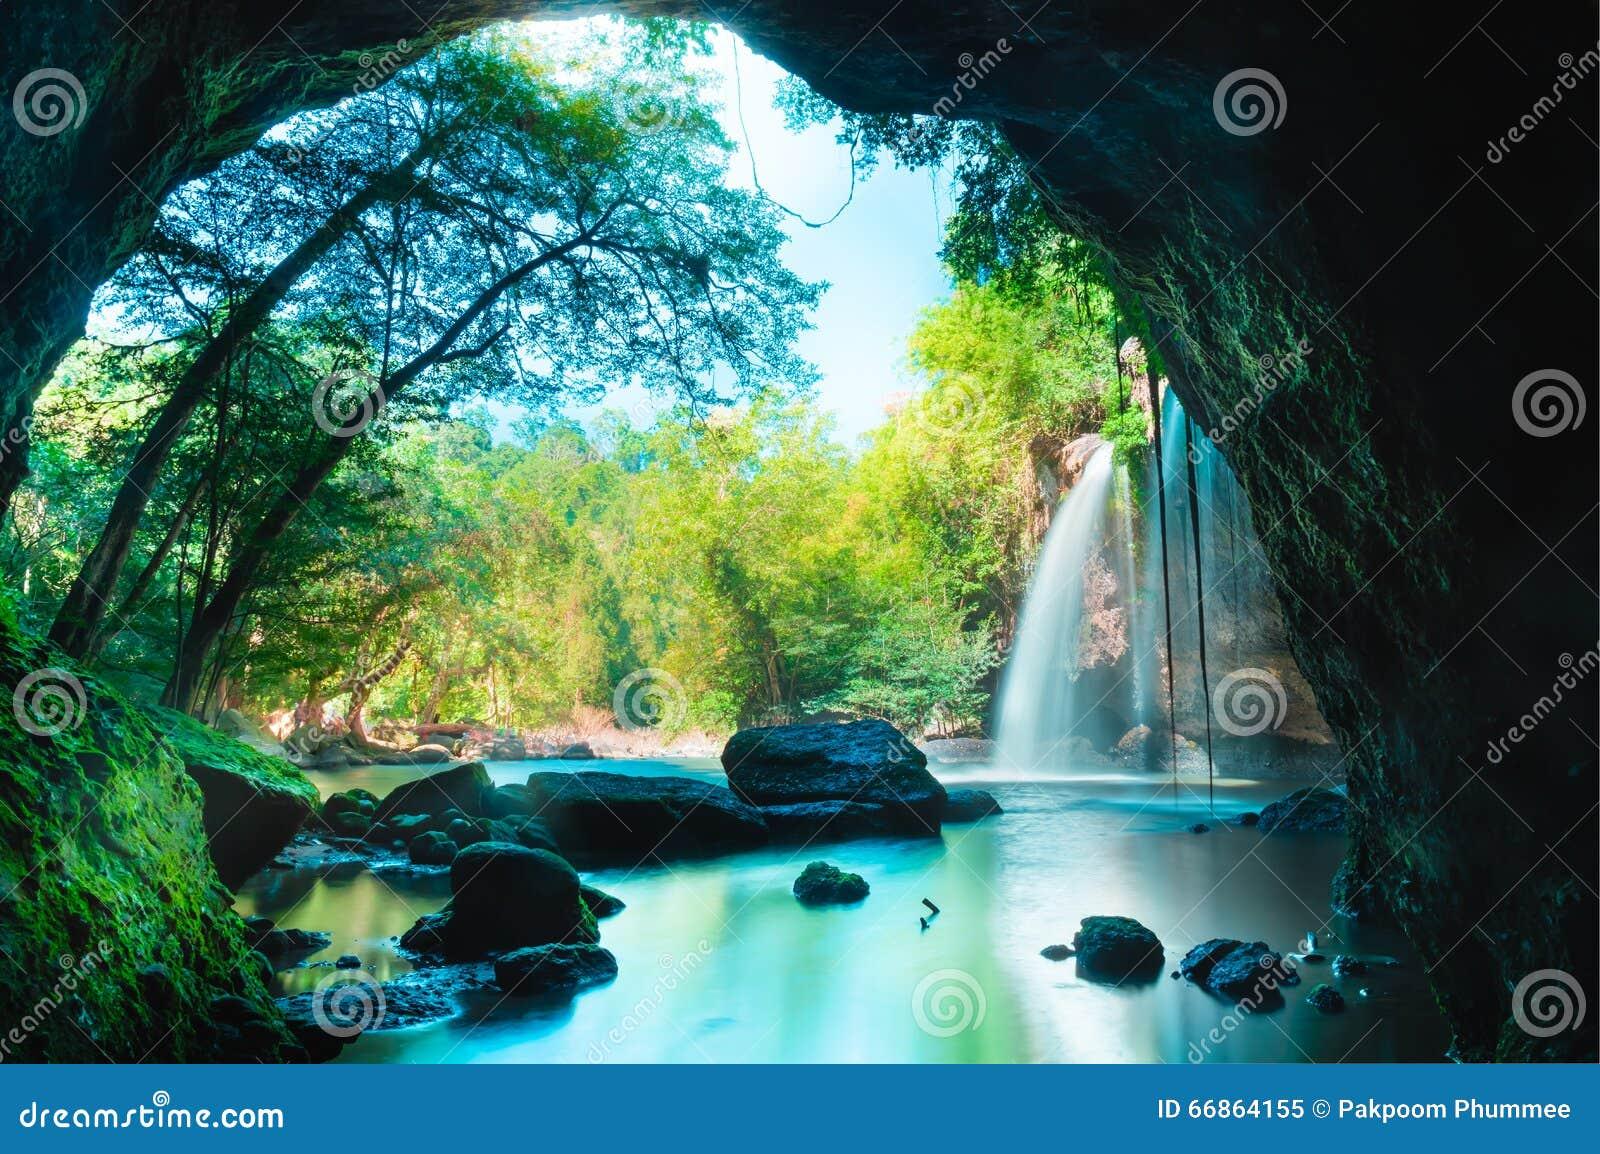 Fantastisk grotta i djup skog med härlig vattenfallbakgrund på den Haew Suwat vattenfallet i den Khao Yai nationalparken